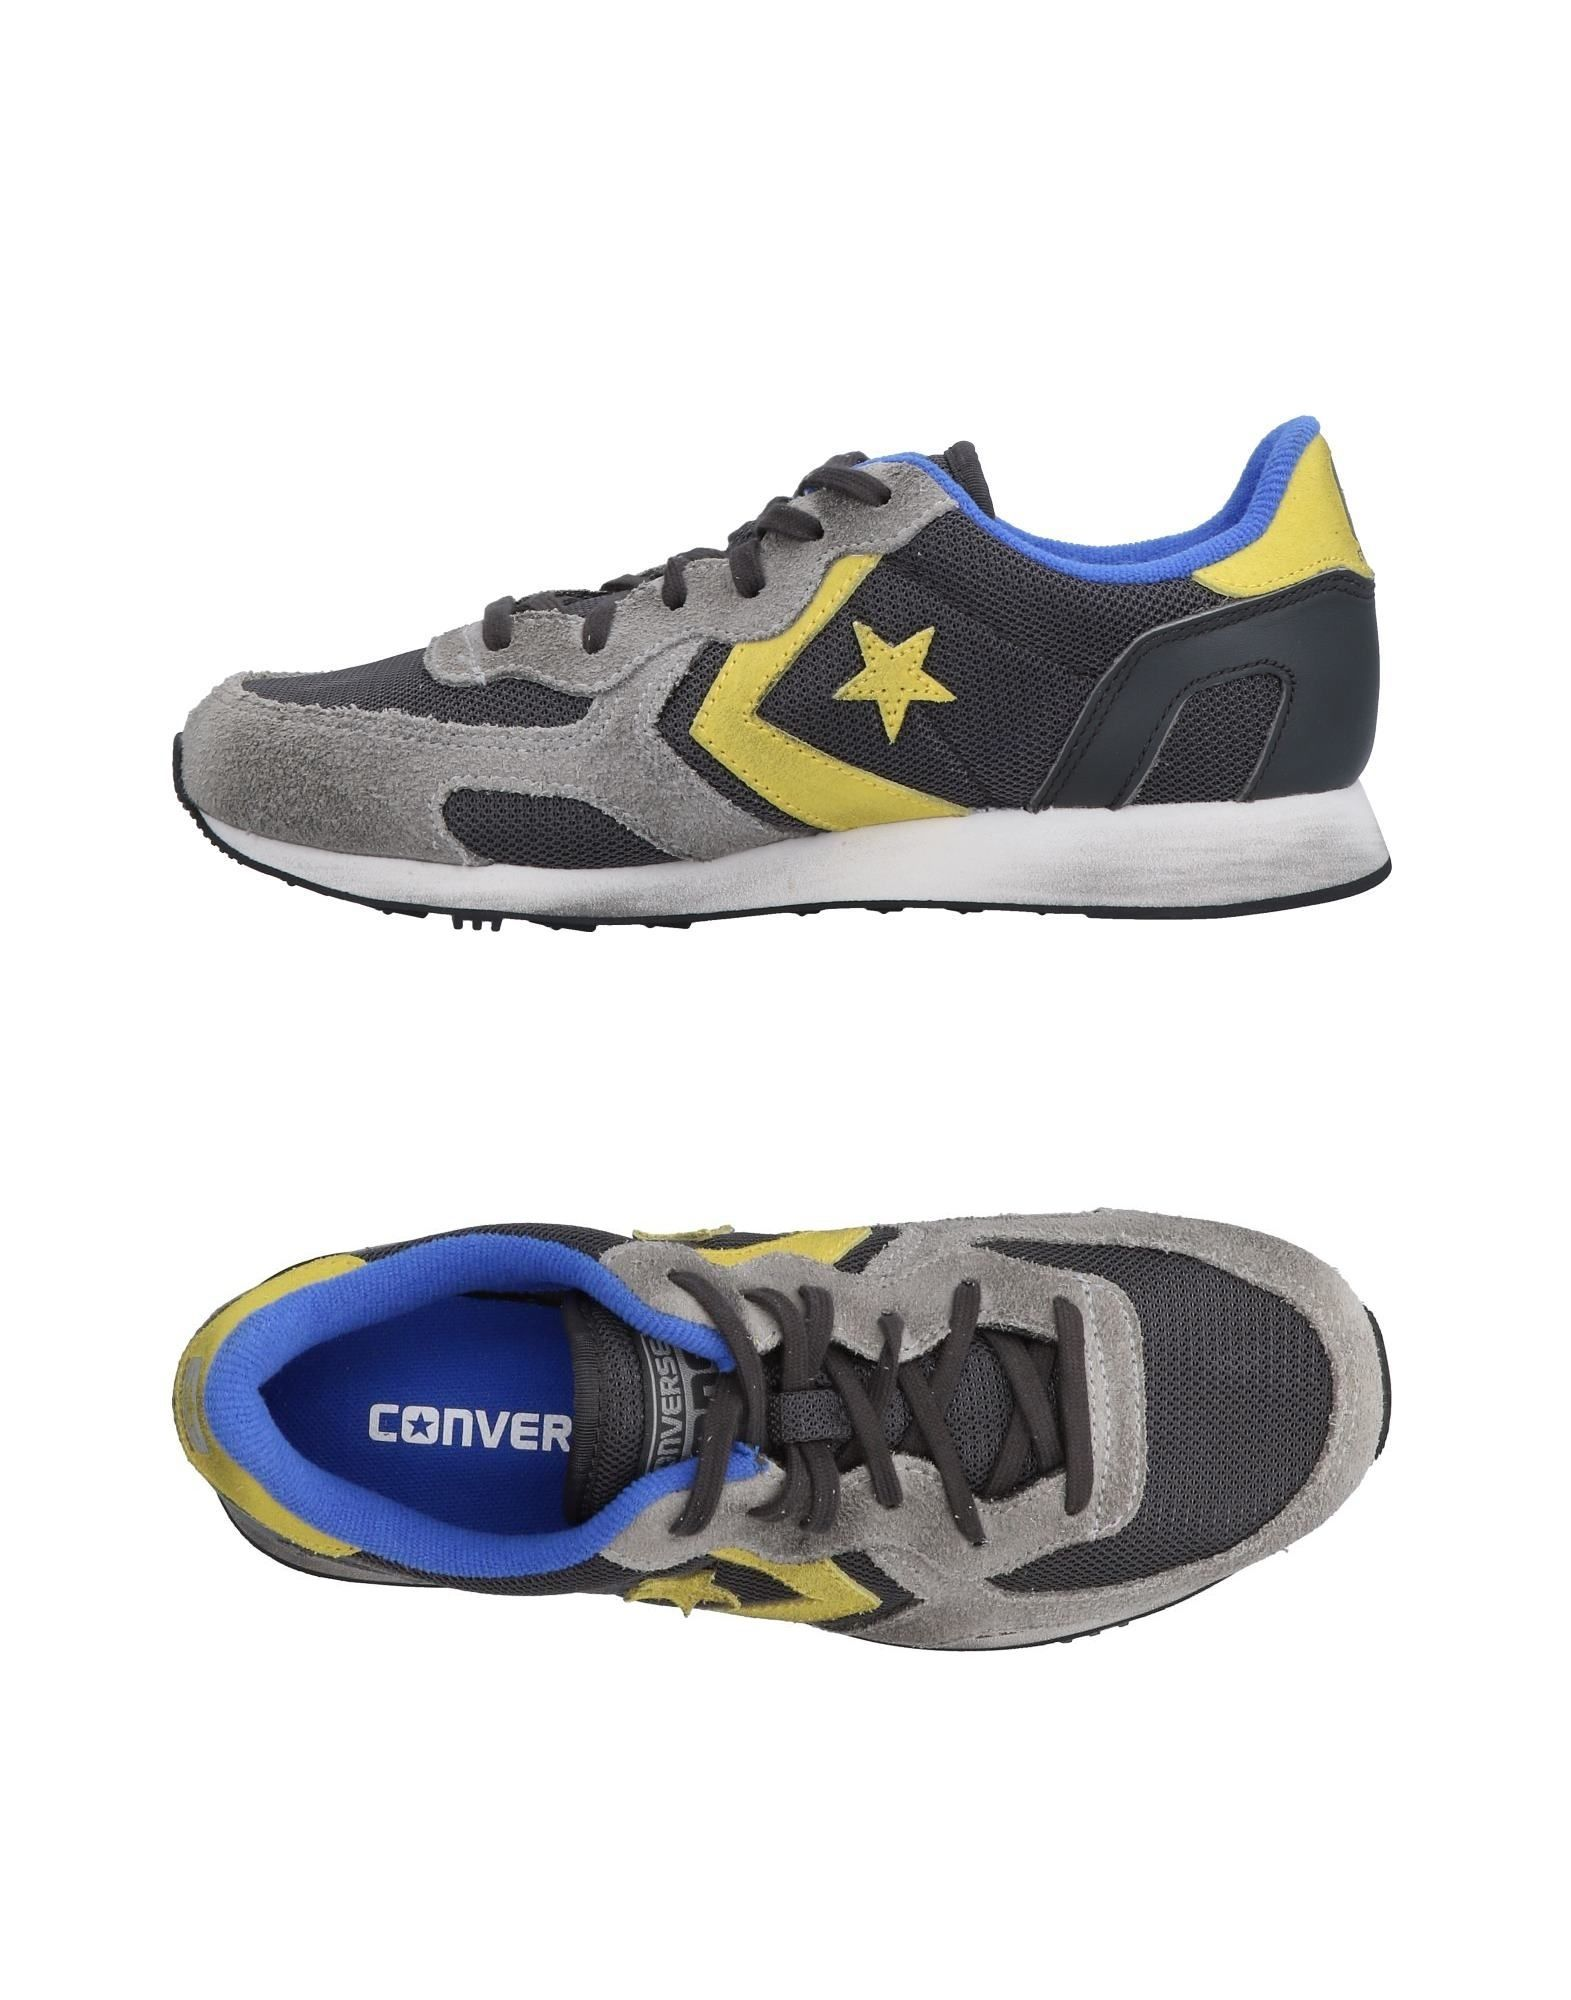 Converse Cons Gute Sneakers Damen  11497675IM Gute Cons Qualität beliebte Schuhe 5b1d15